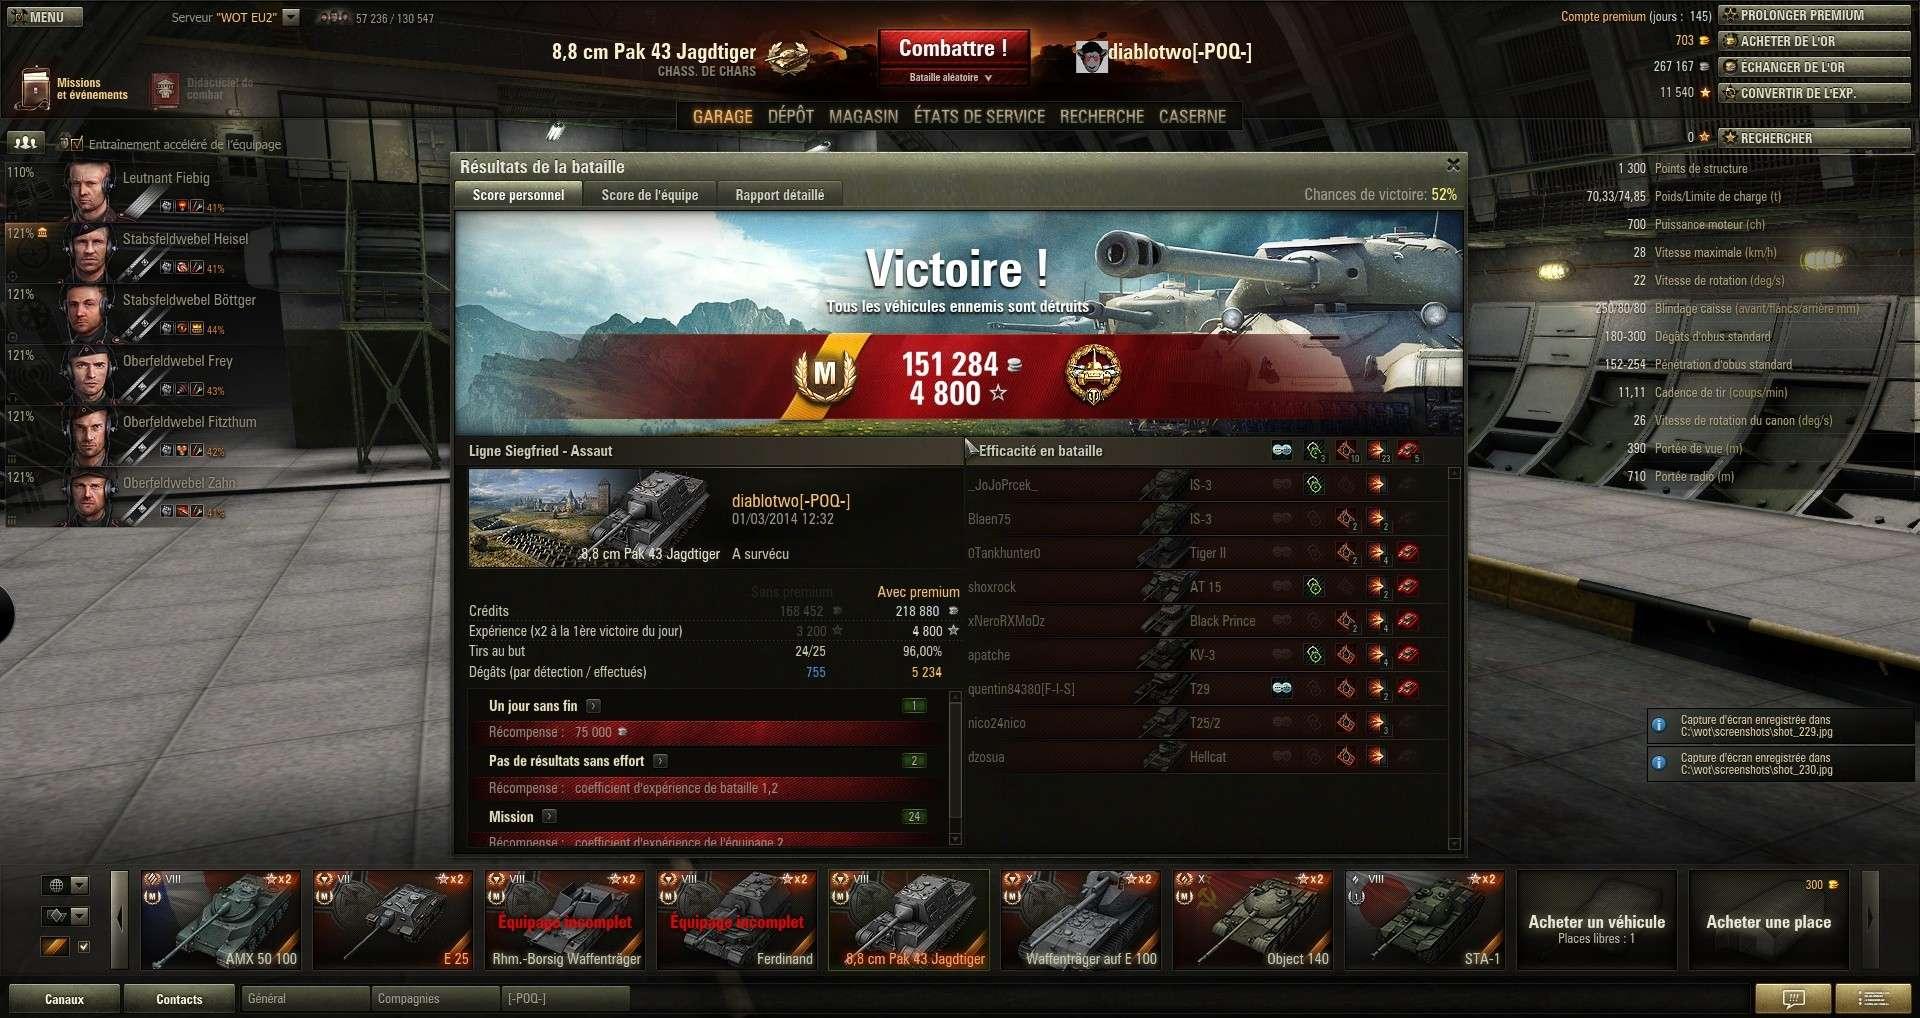 Jag Tiger 8.8 Shot_219